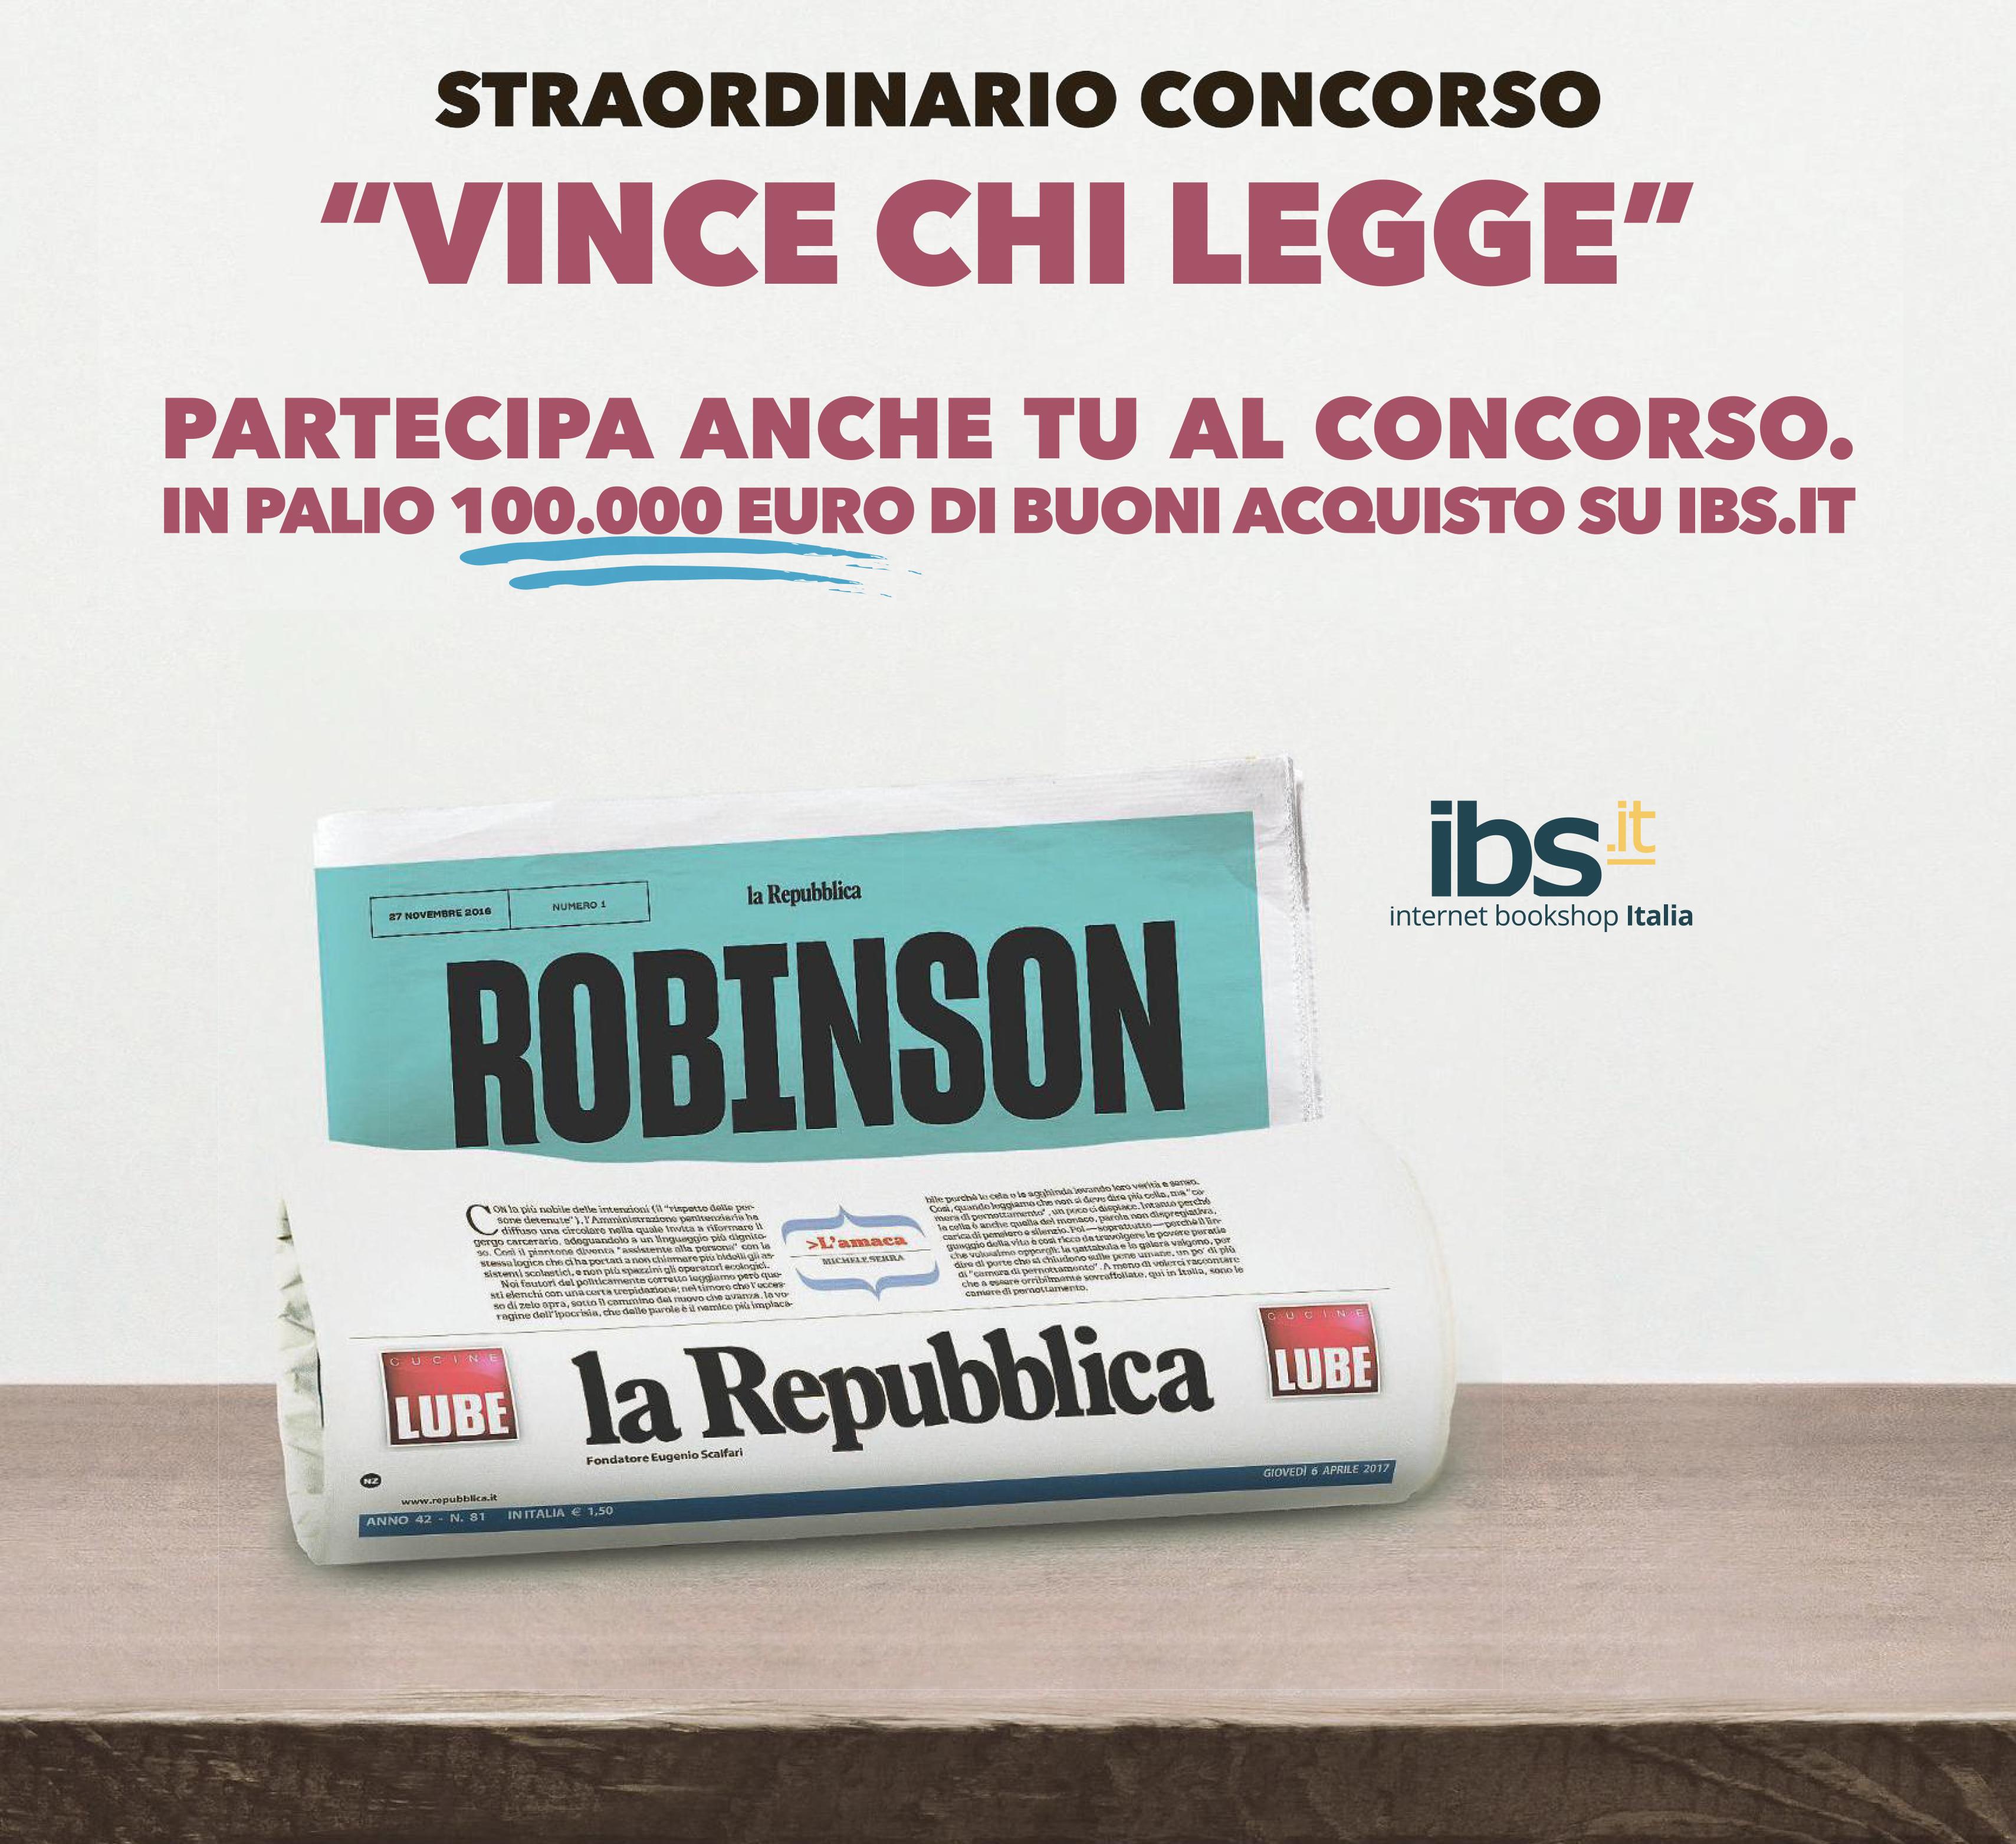 concorso-bs-robinson-9-04-2